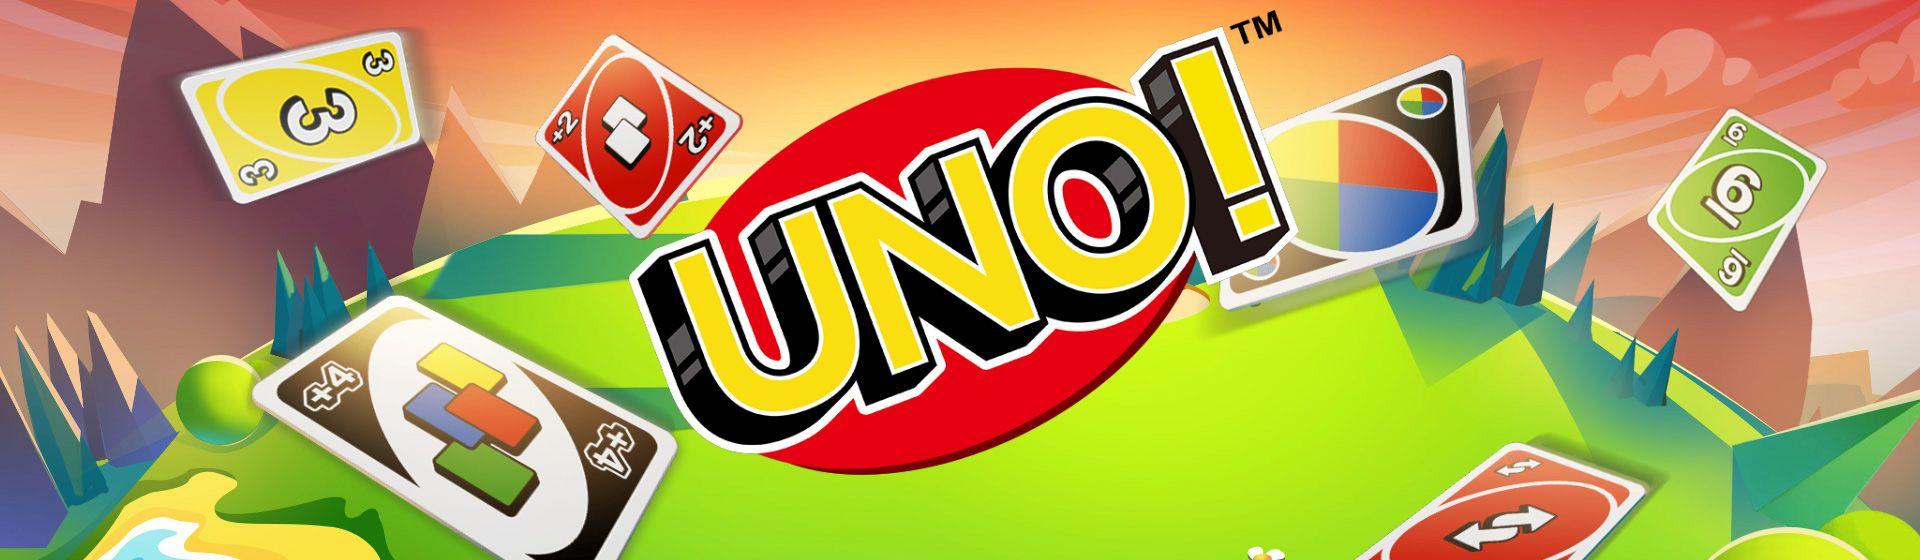 Regras do Uno: aprenda no tutorial como jogar Uno